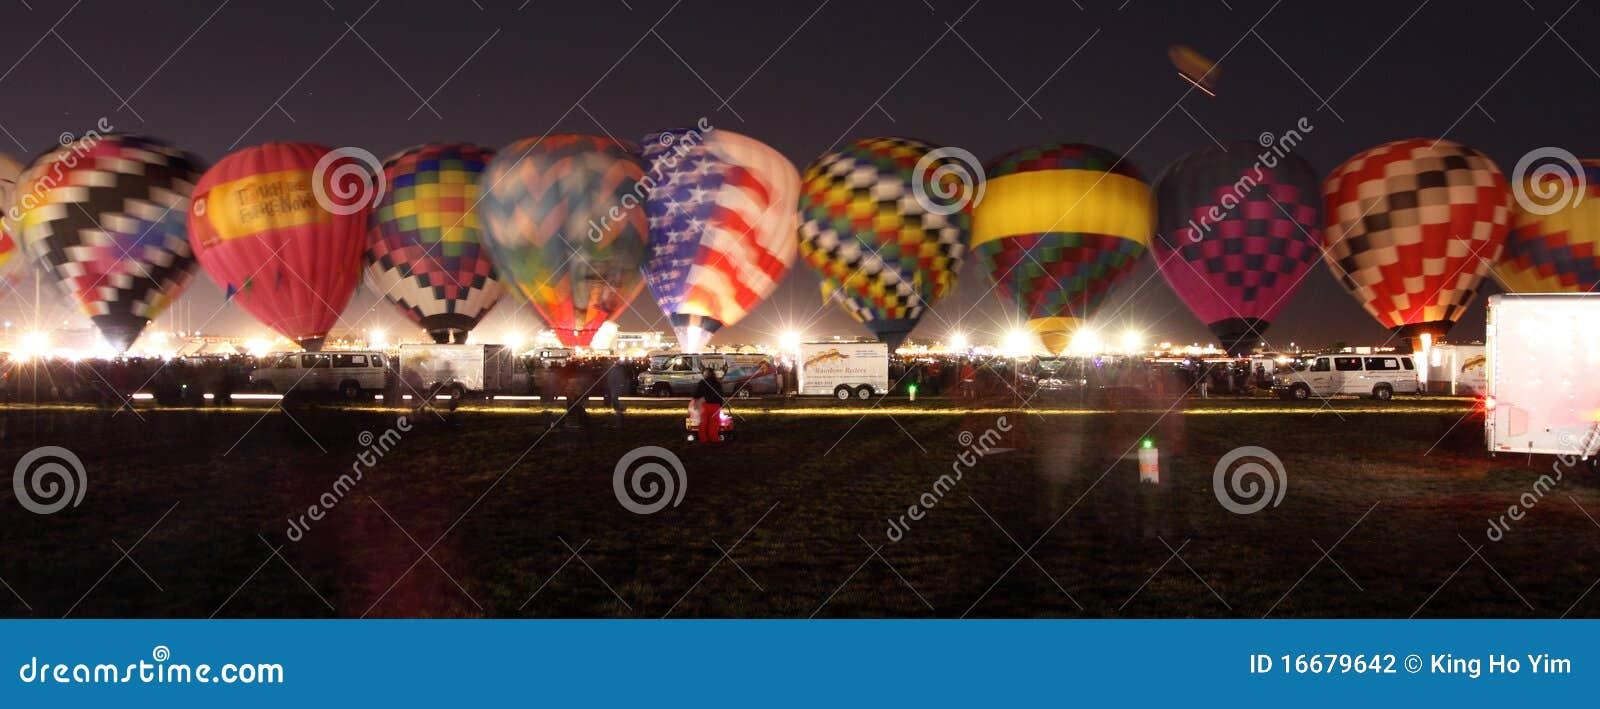 De Fiesta van de Ballon van Albuquerque